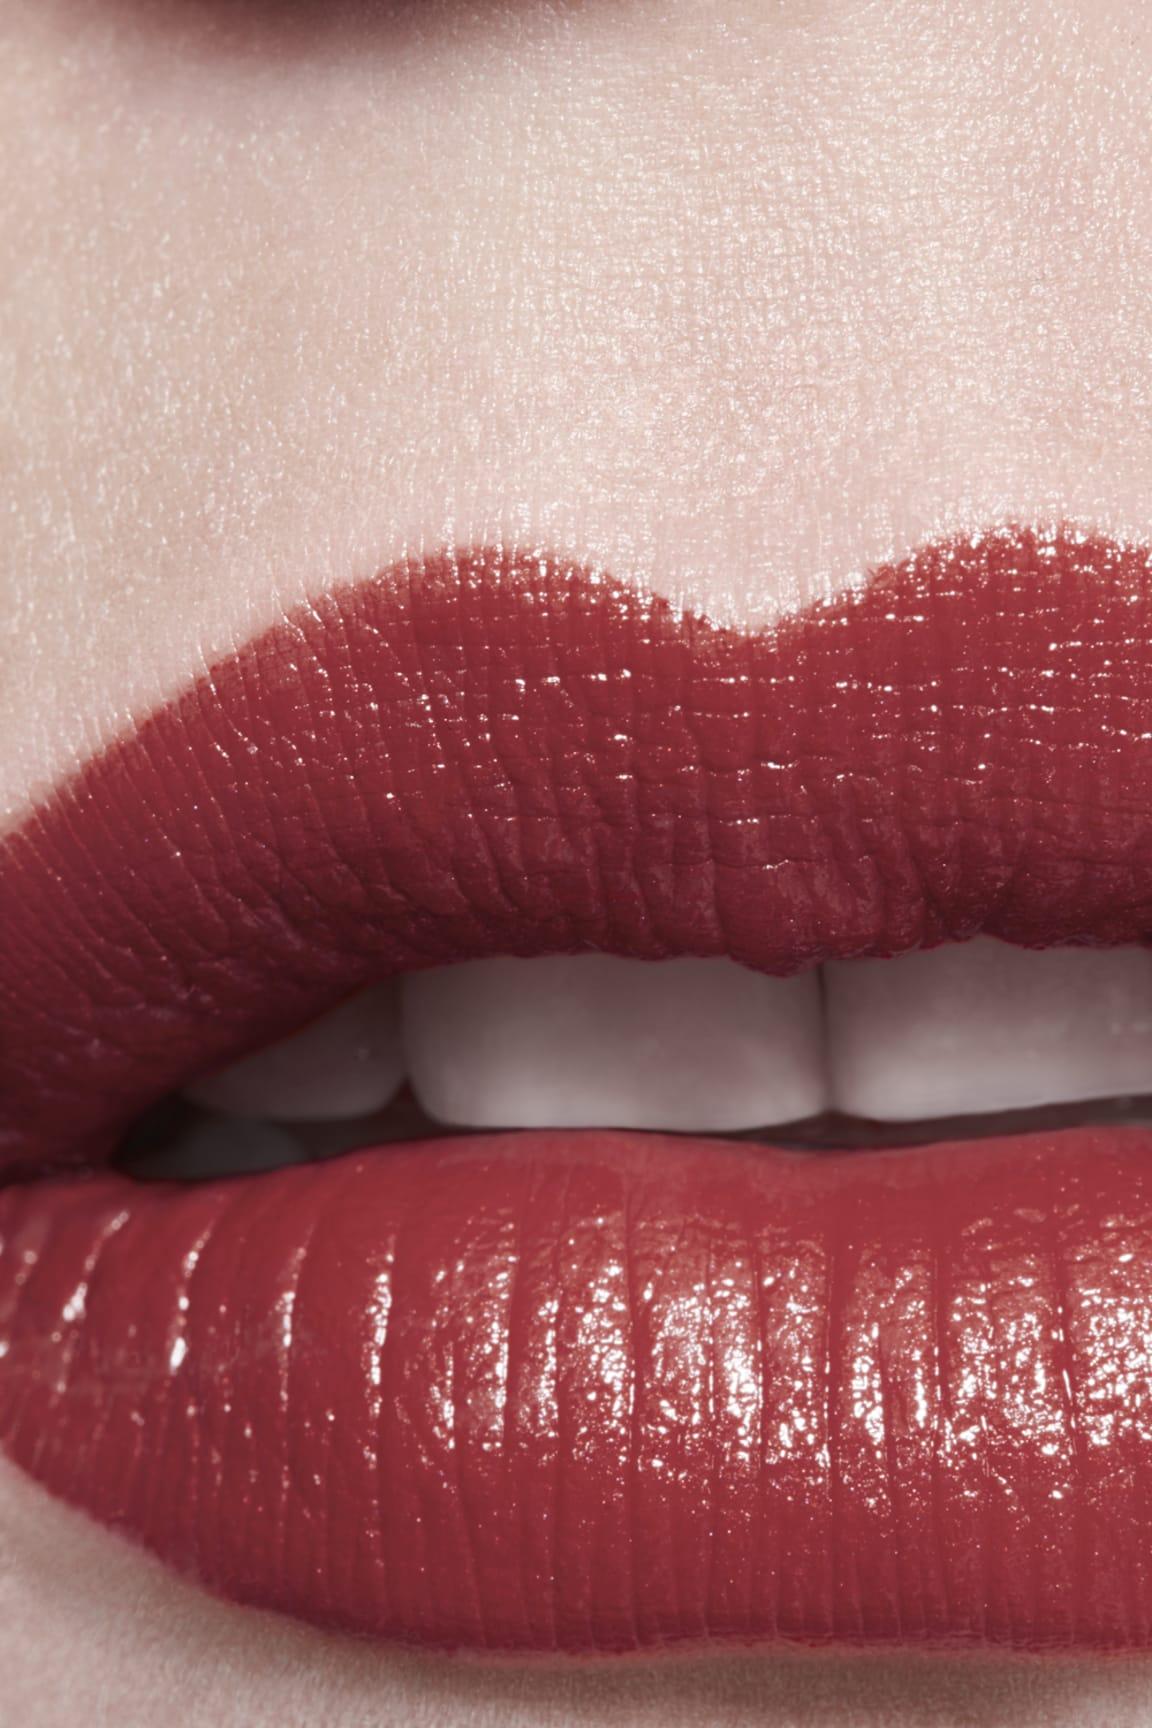 Visuel d'application maquillage 3 - ROUGE ALLURE 192 - PROFONDEUR